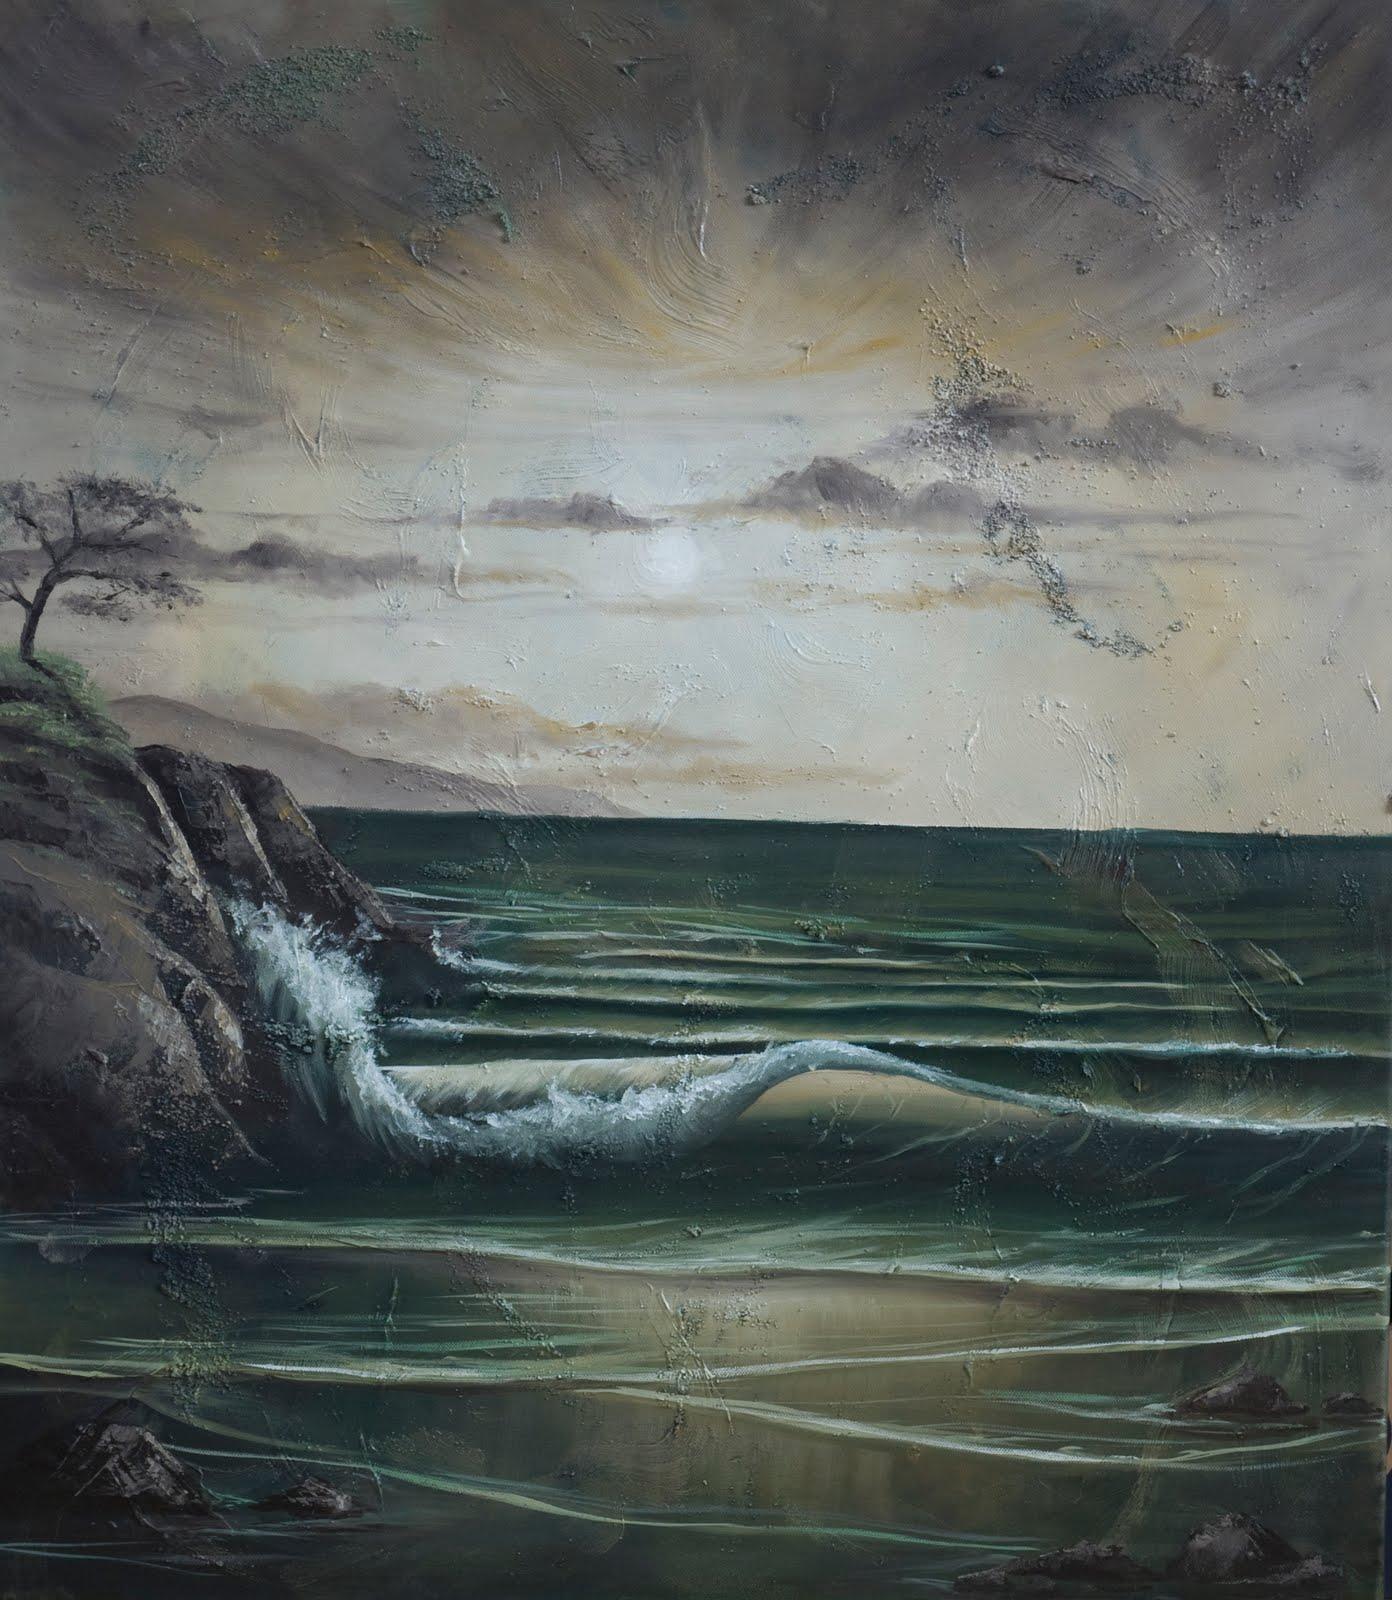 http://3.bp.blogspot.com/_LpYBZbRNg5E/TCN8_ssveyI/AAAAAAAAAbo/hb8yHWYAEN4/s1600/Sonnenuntergang+am+Meer1.jpg